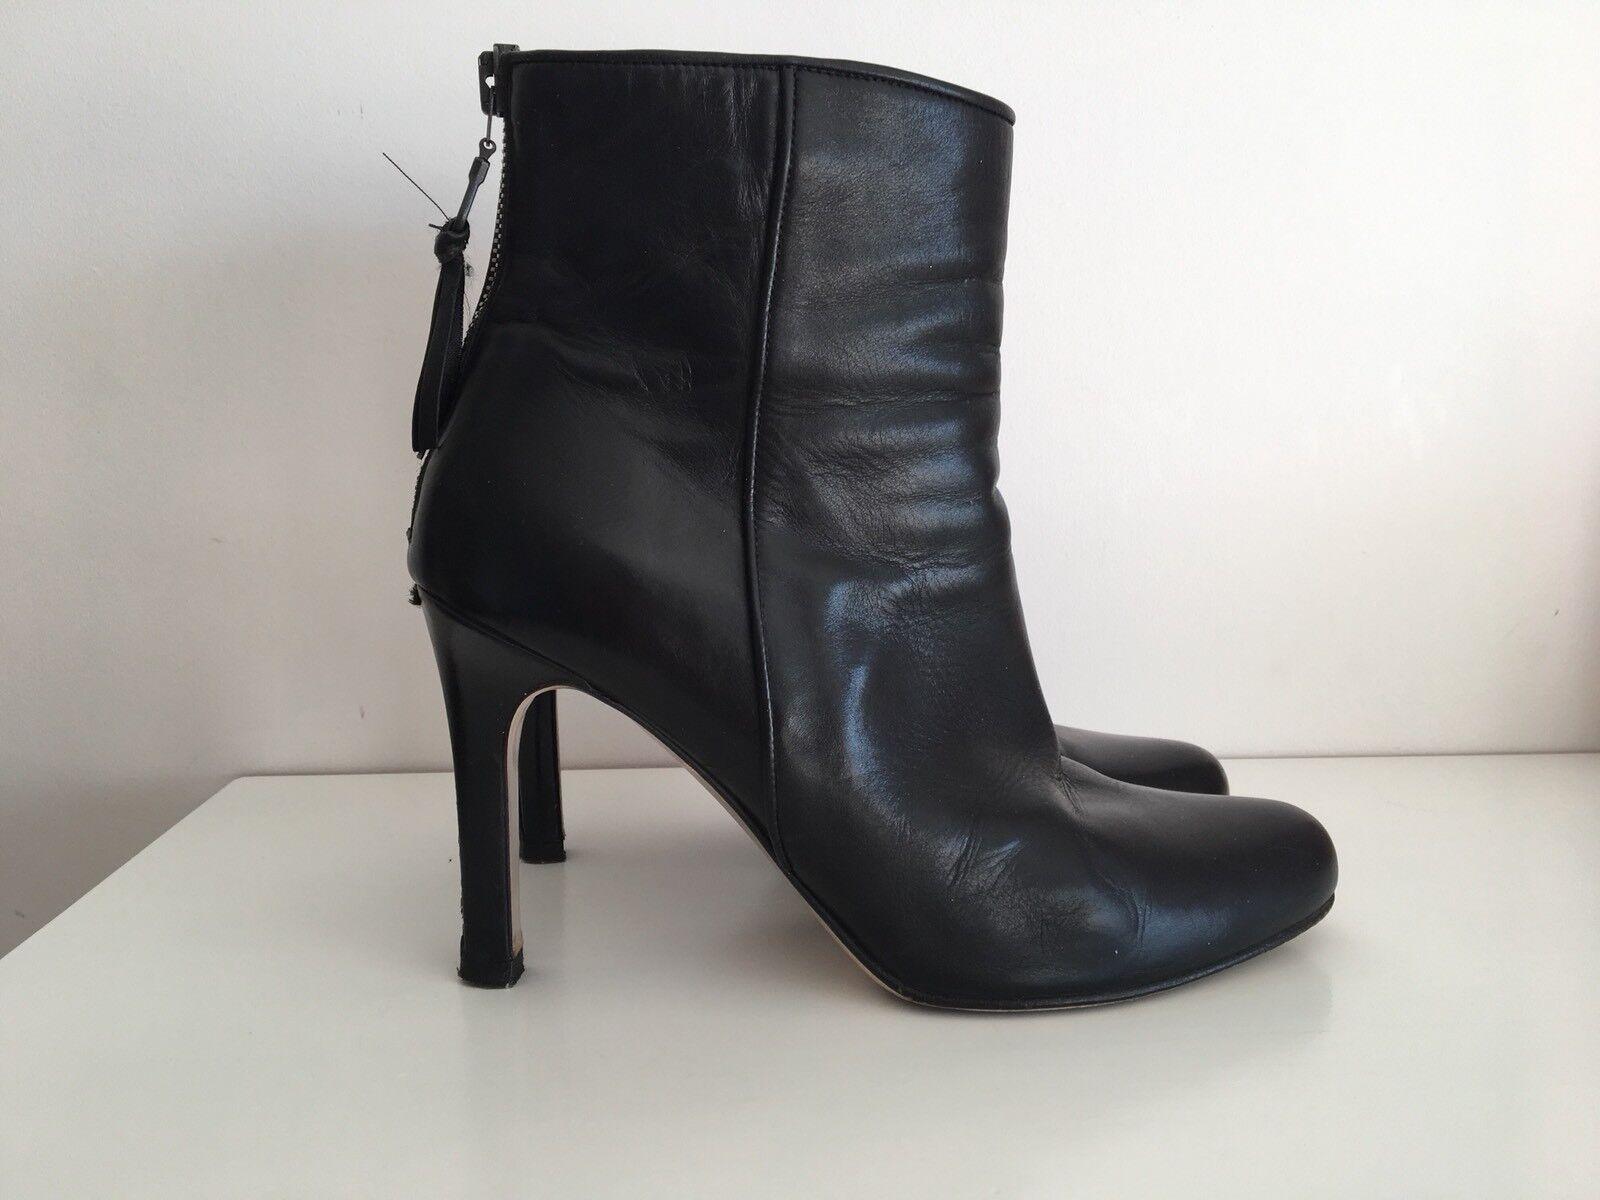 Grandes zapatos con descuento Miu Miu Black Ankle Boots 37.5